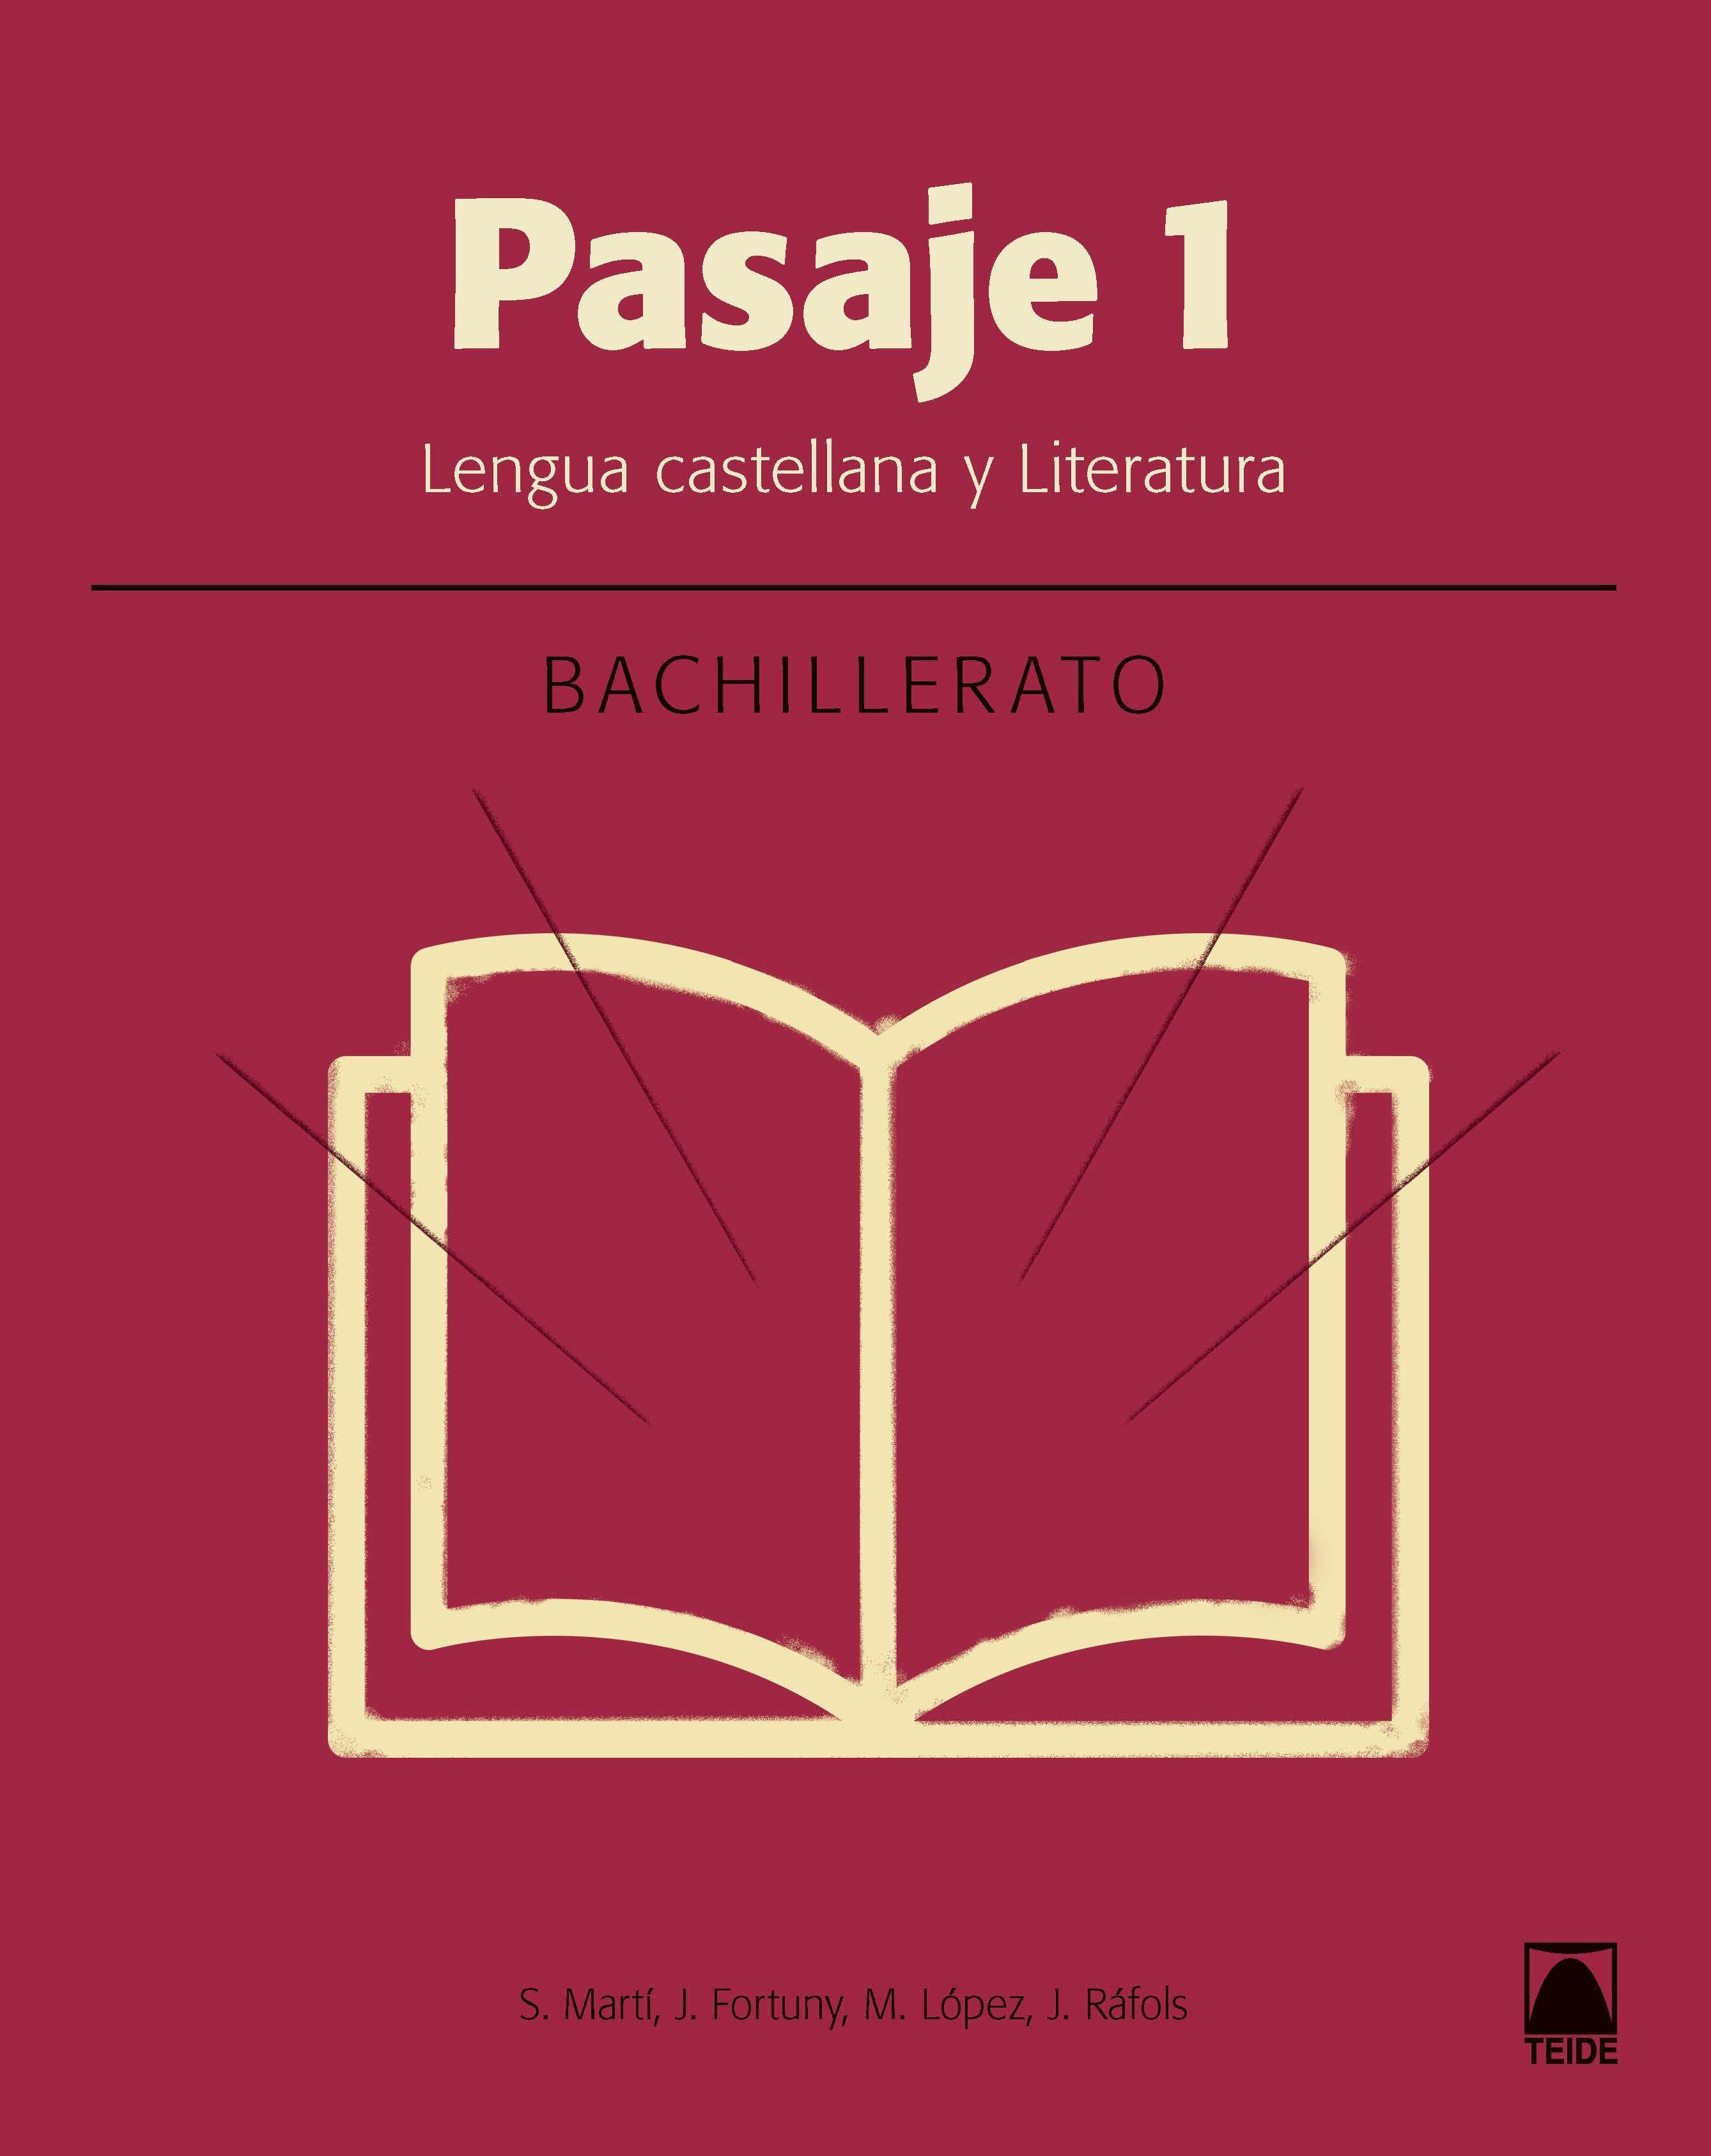 PASAJE 1 LITERATURA BACHILLERATO